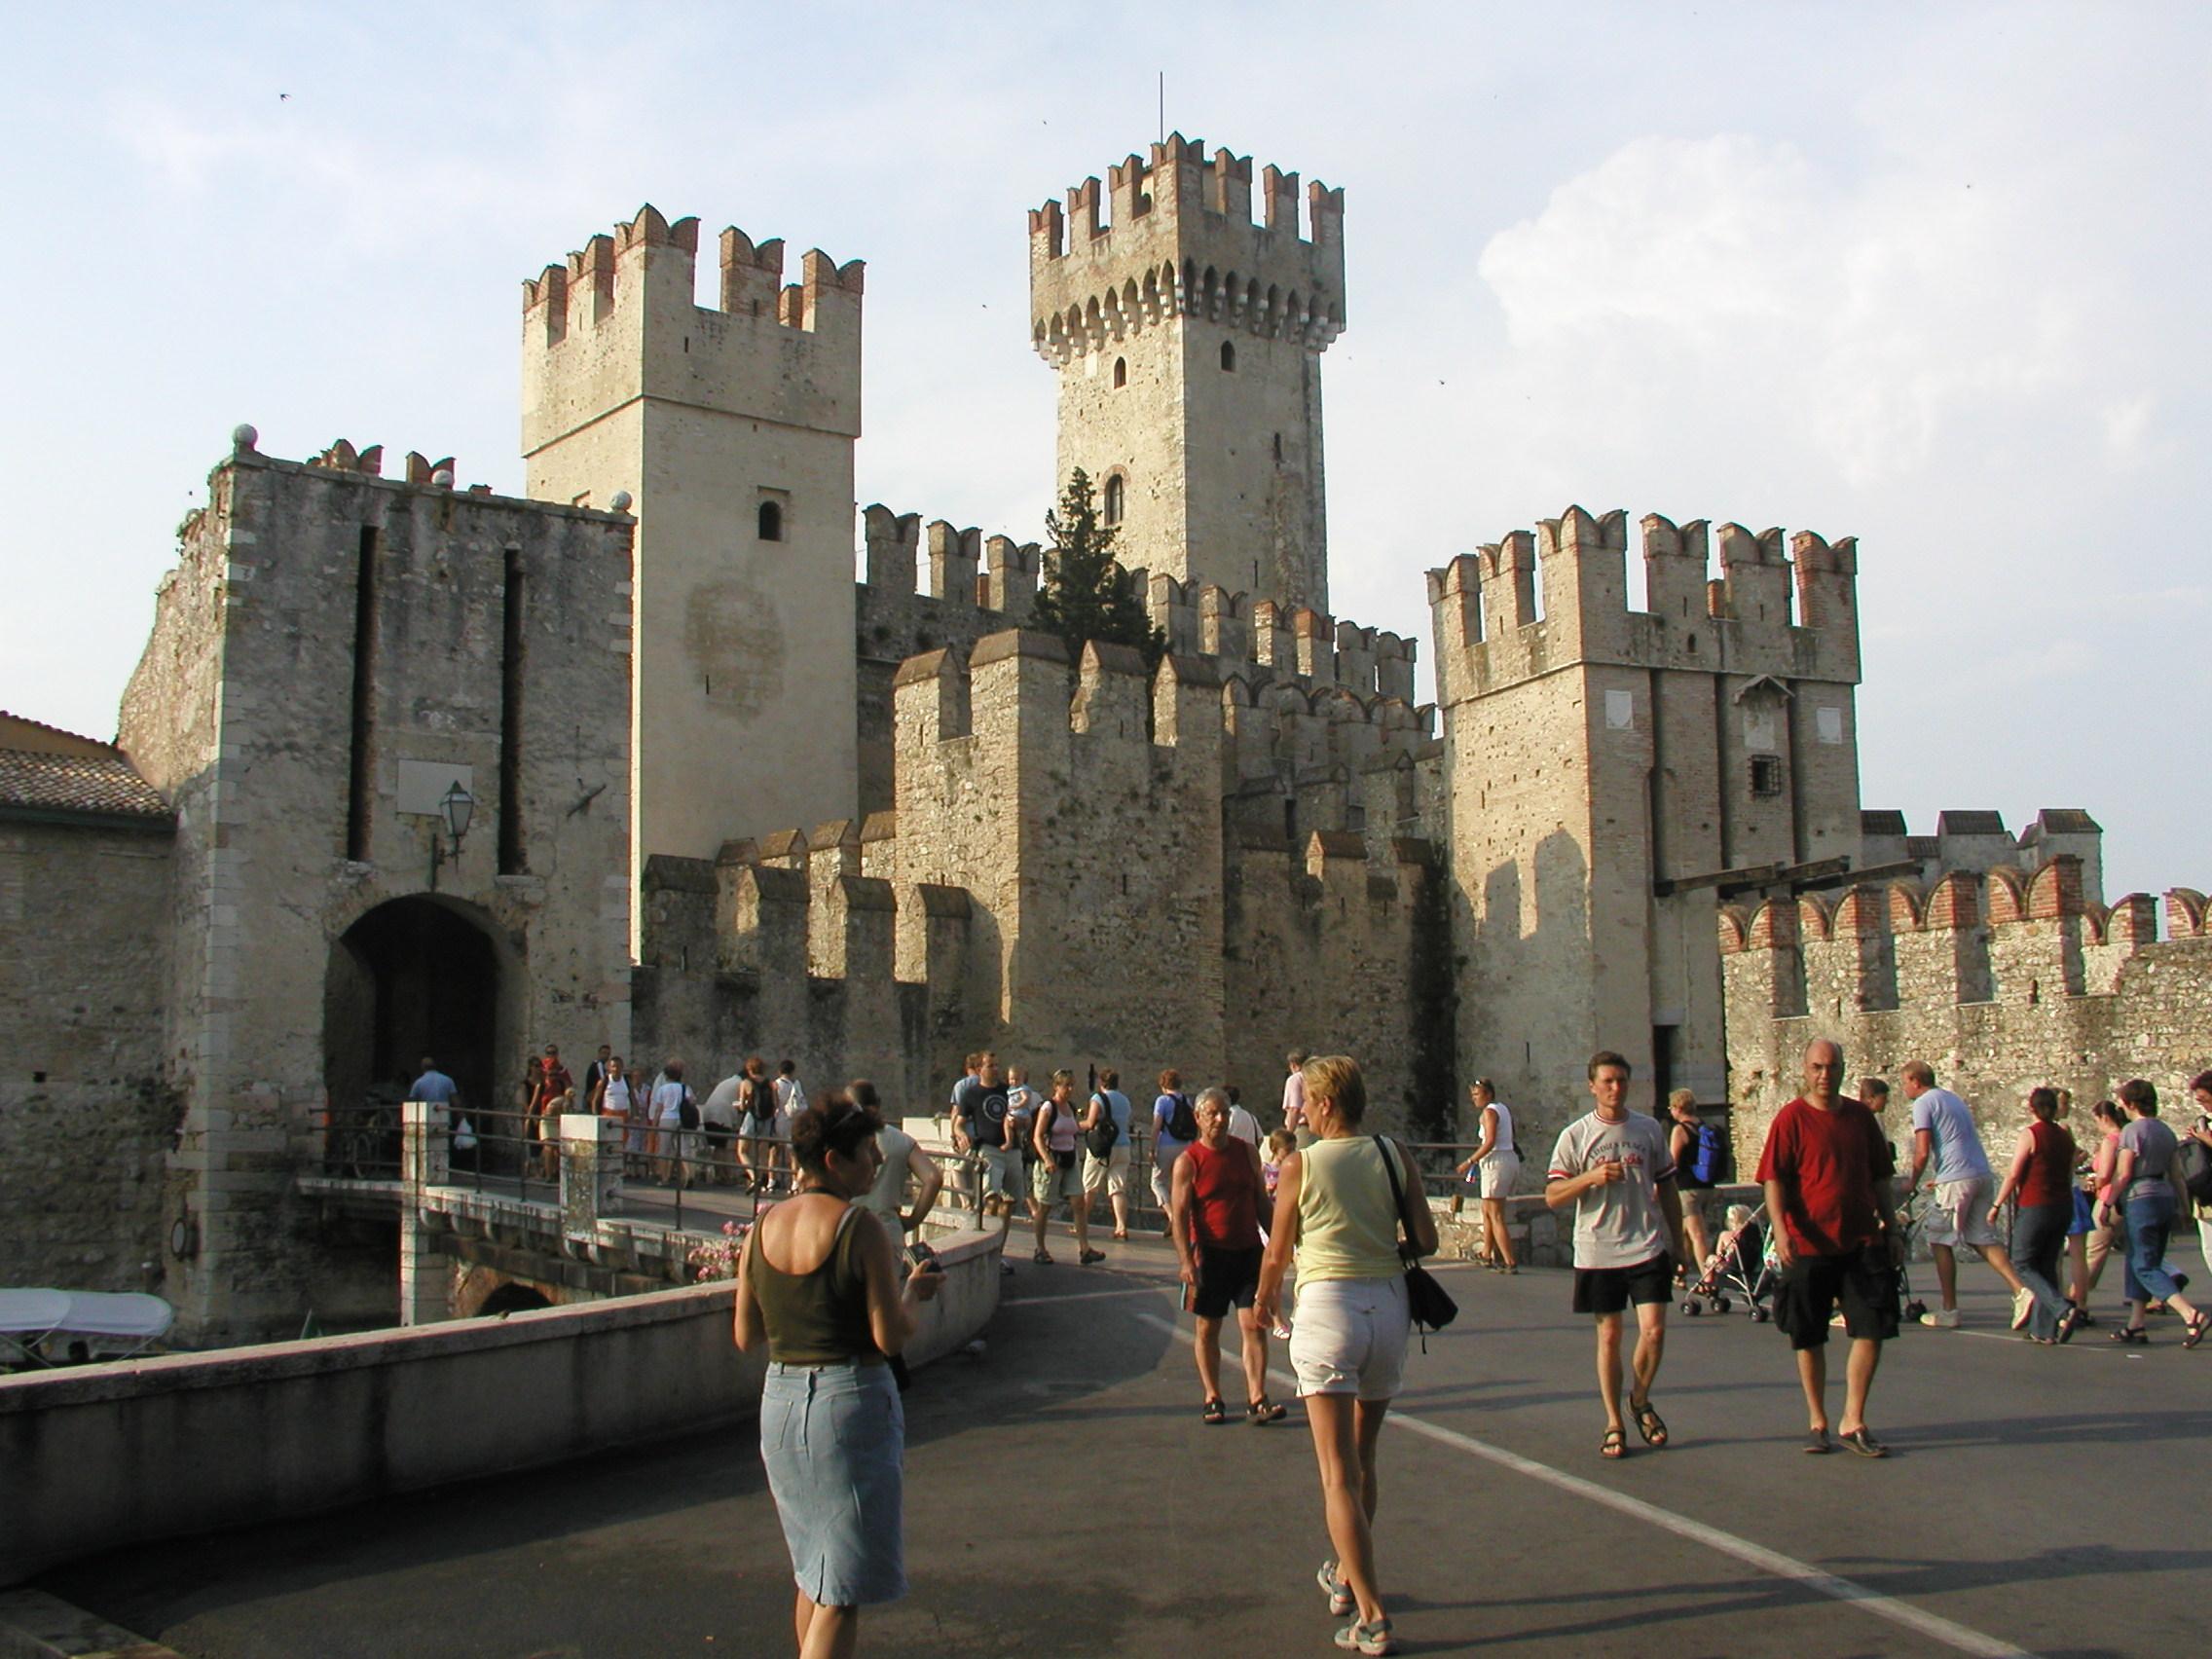 Itálie - Sirmione - městské hradby a hlavní brána